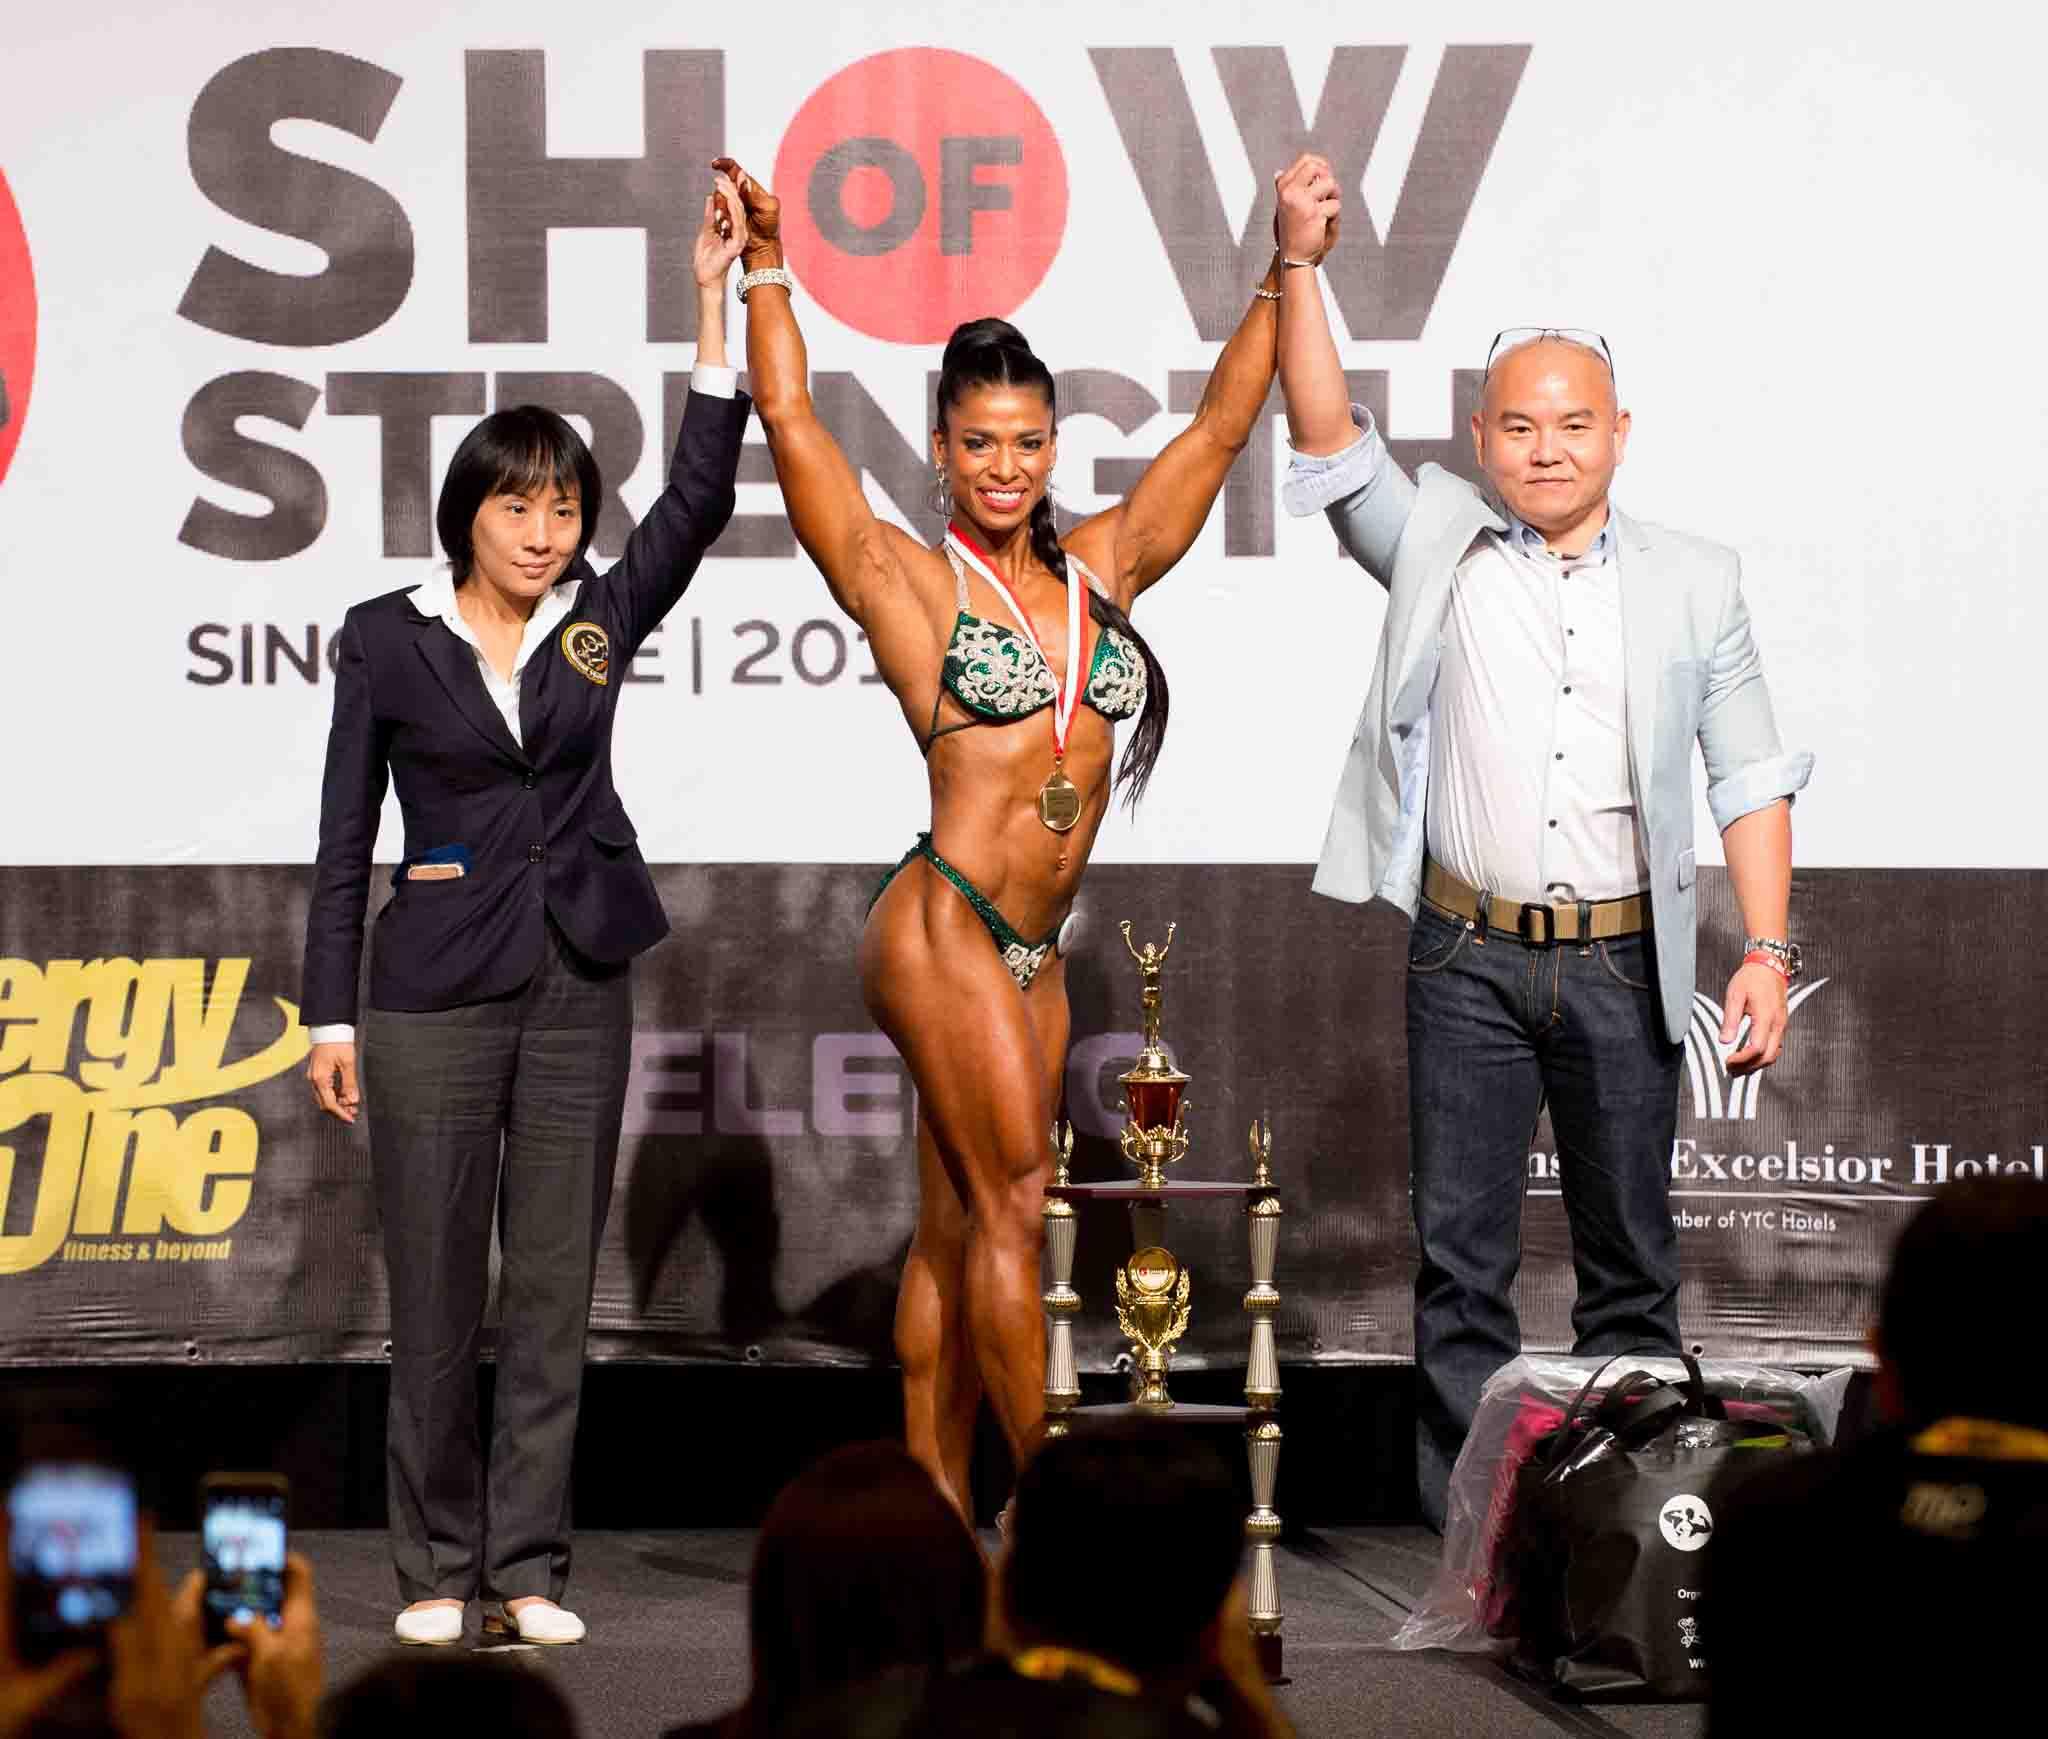 Body Fitness Overall Winner